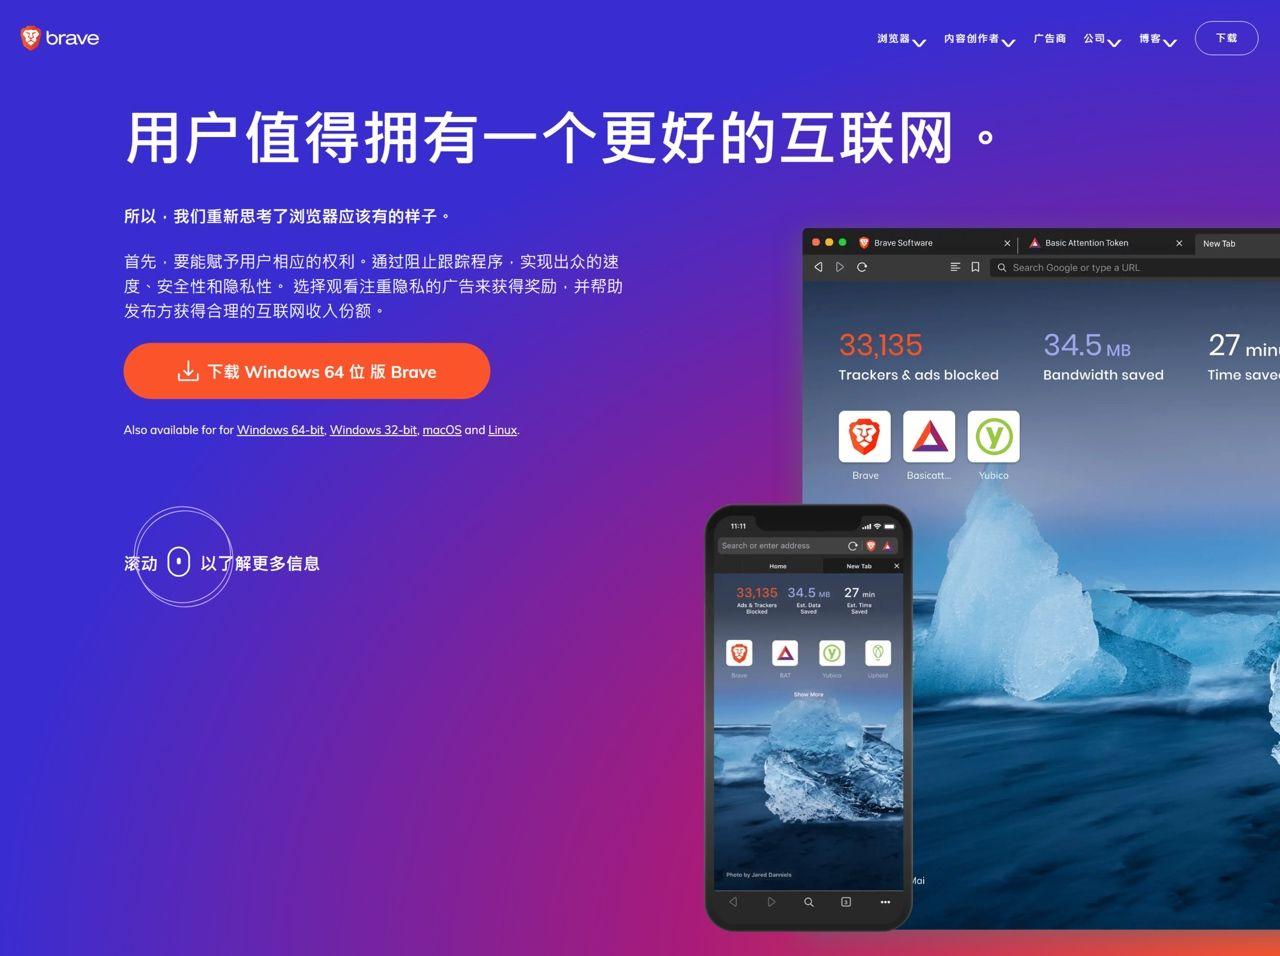 跨平台 Brave 瀏覽器免費下載!兼具速度與隱私相容 Chrome 擴充功能 in 2020 Samsung